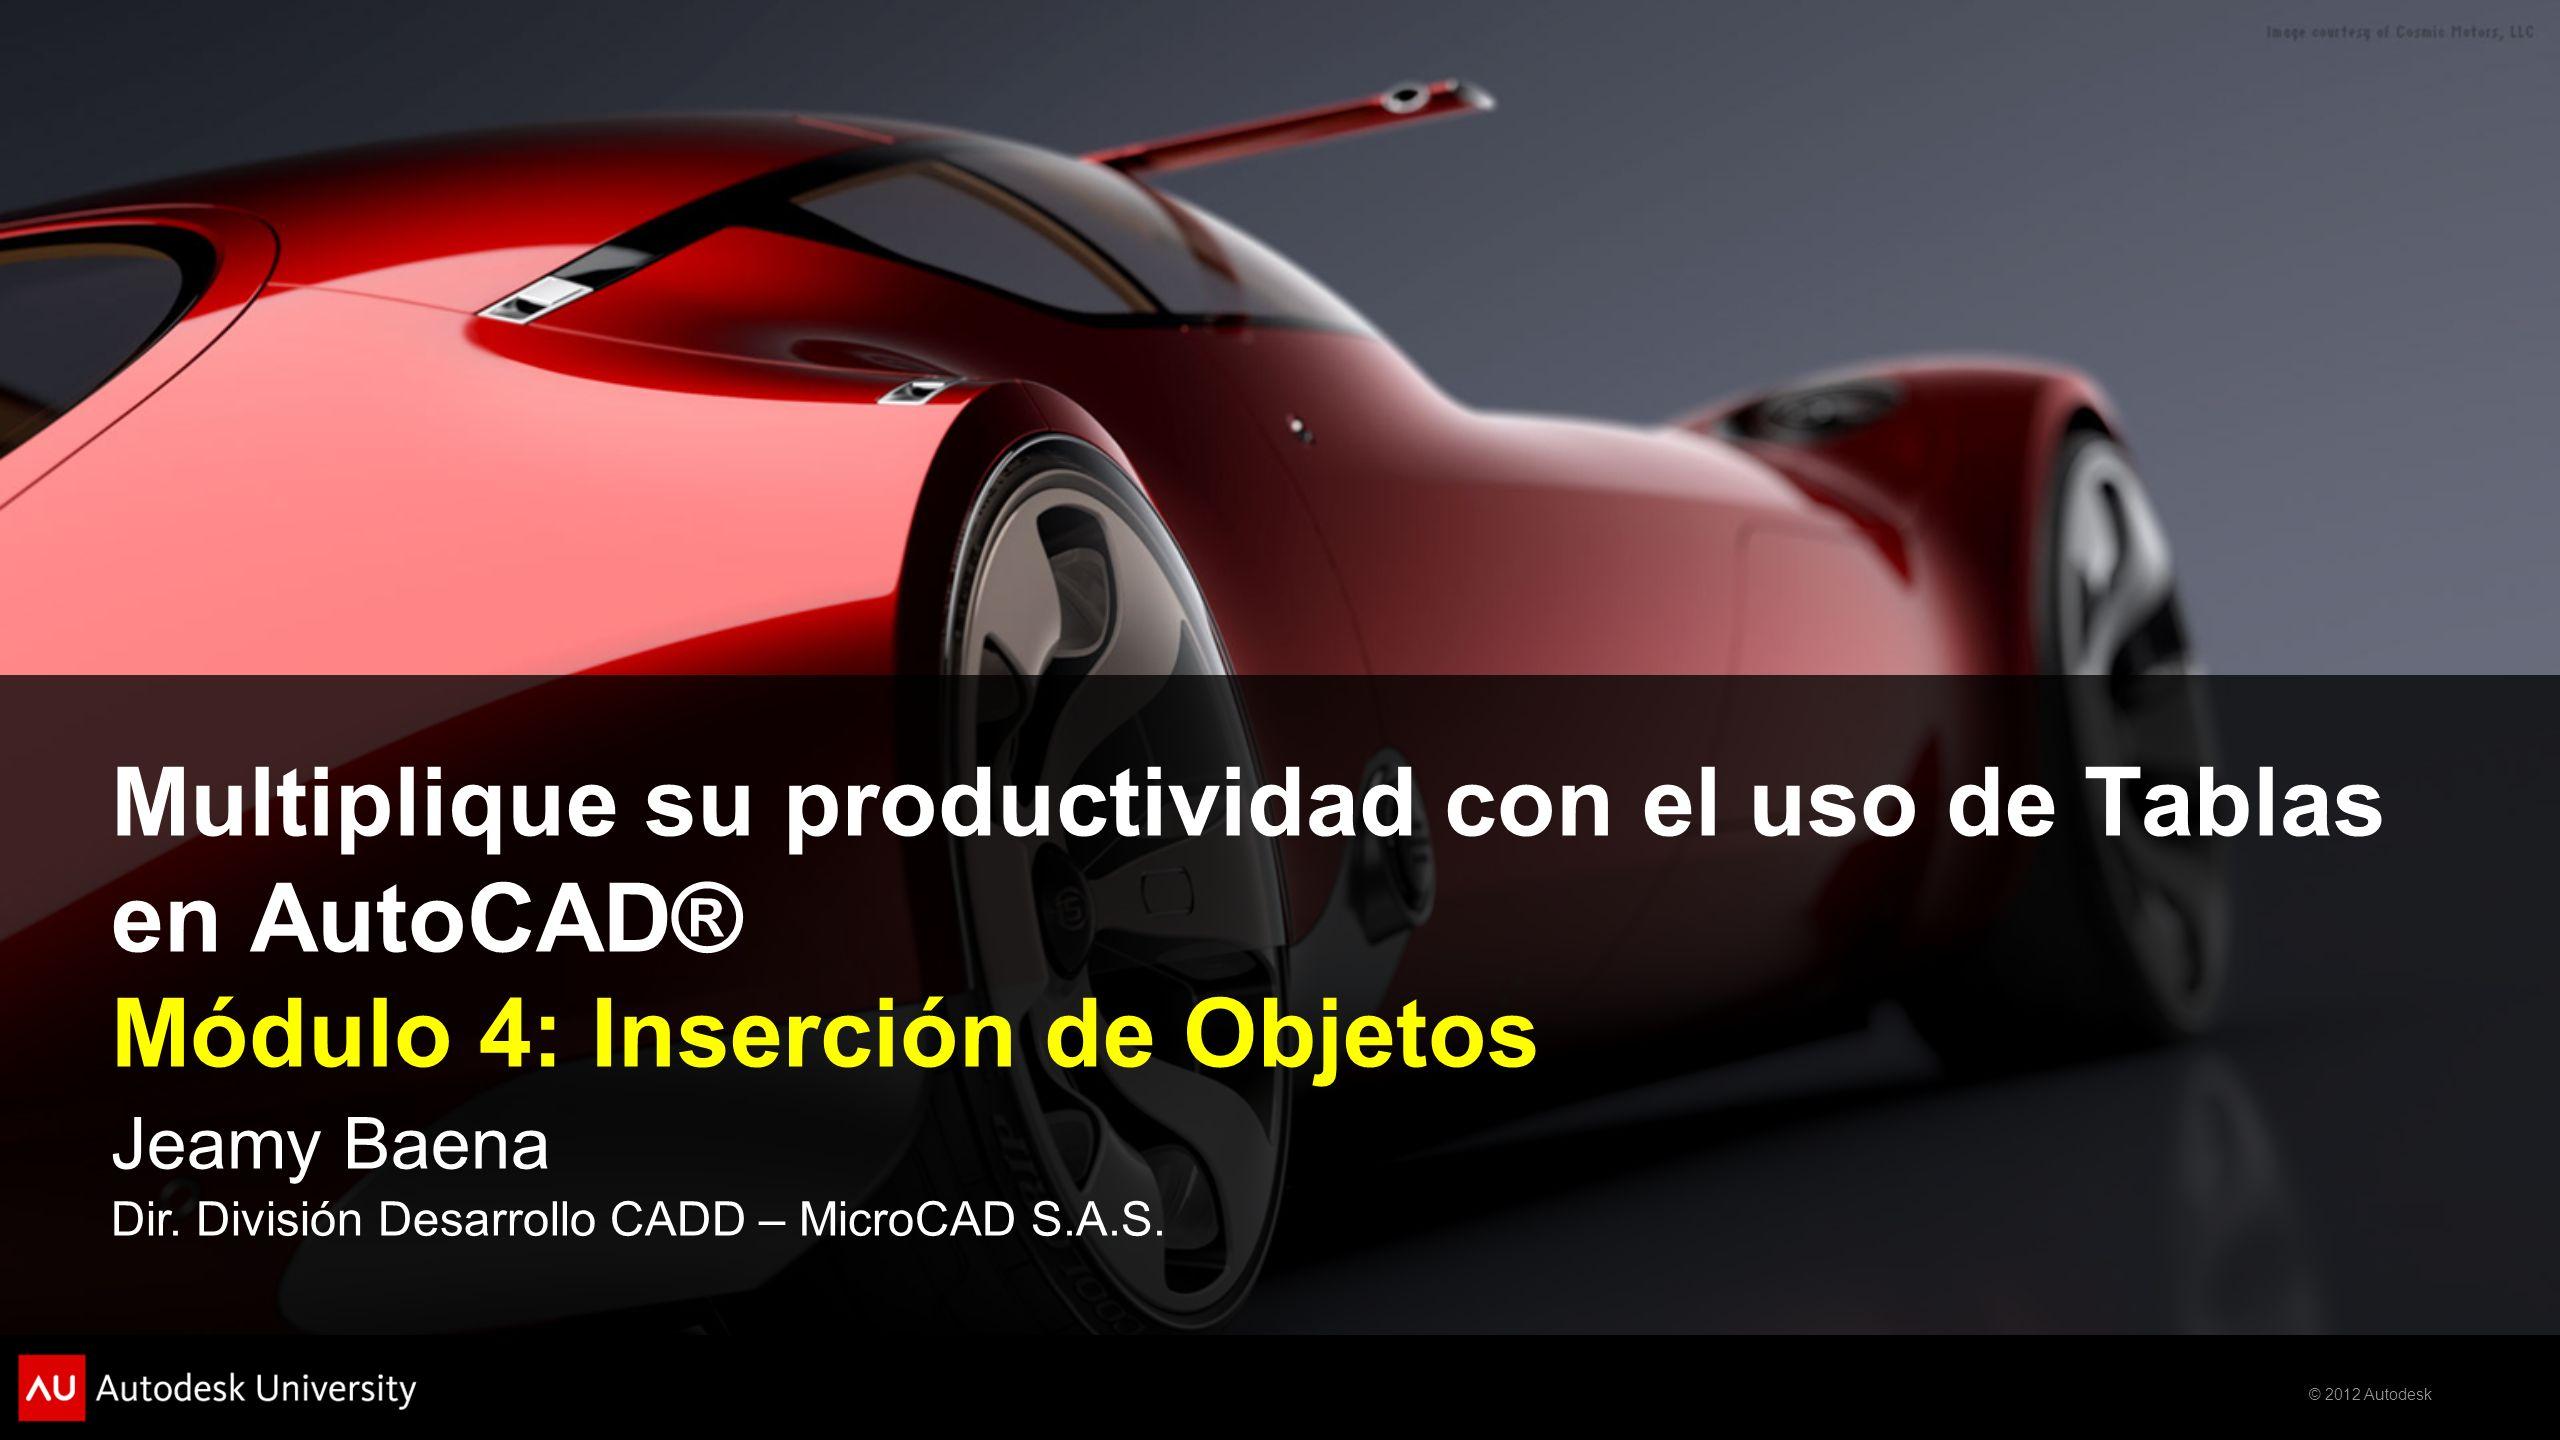 Multiplique su productividad con el uso de Tablas en AutoCAD® Módulo 4: Inserción de Objetos